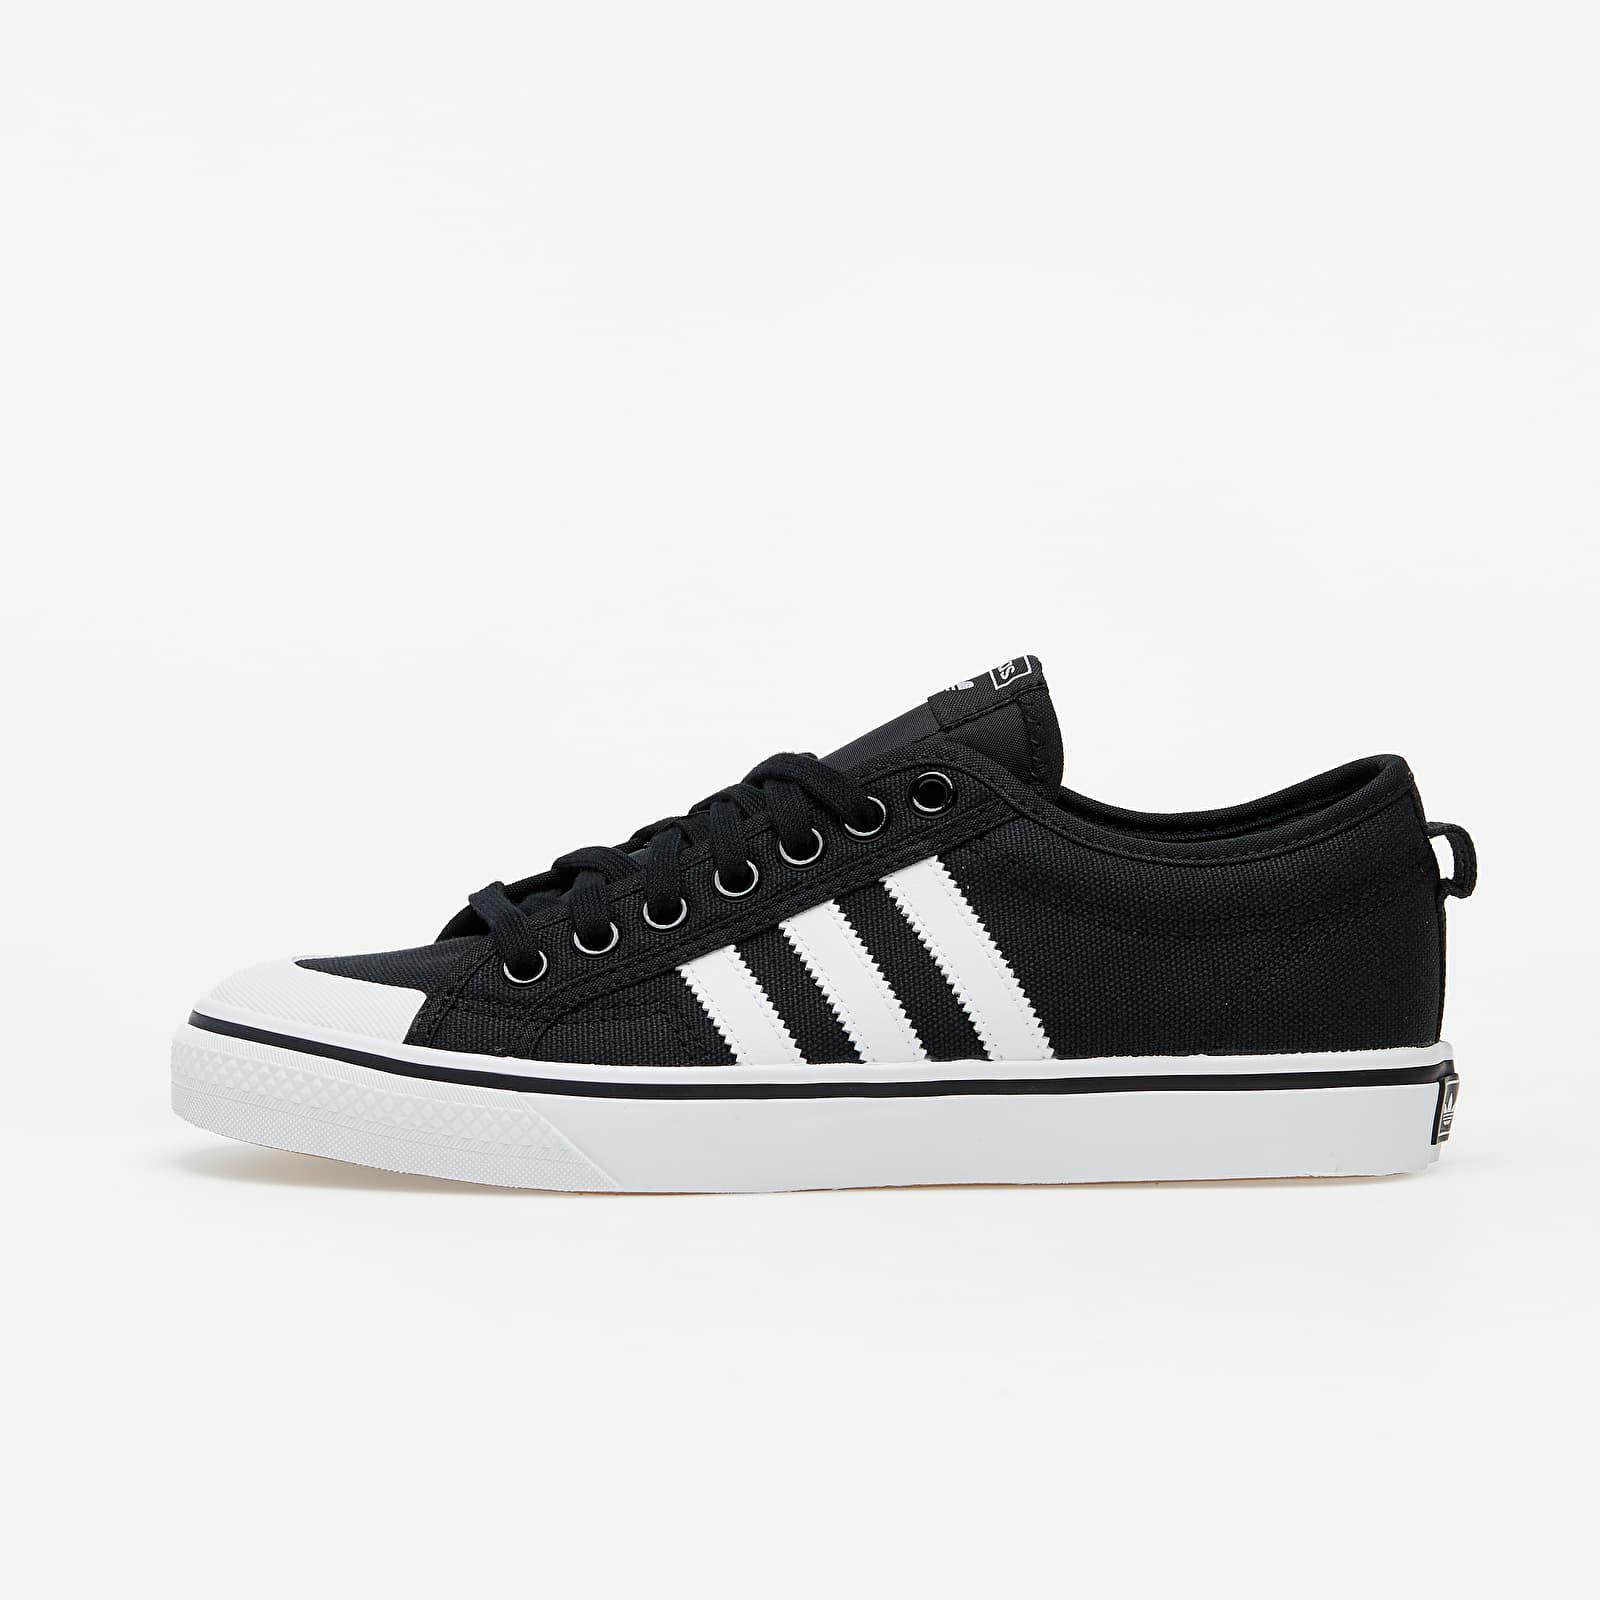 adidas Nizza Core Black/ Ftw White/ Ftw White EUR 45 1/3